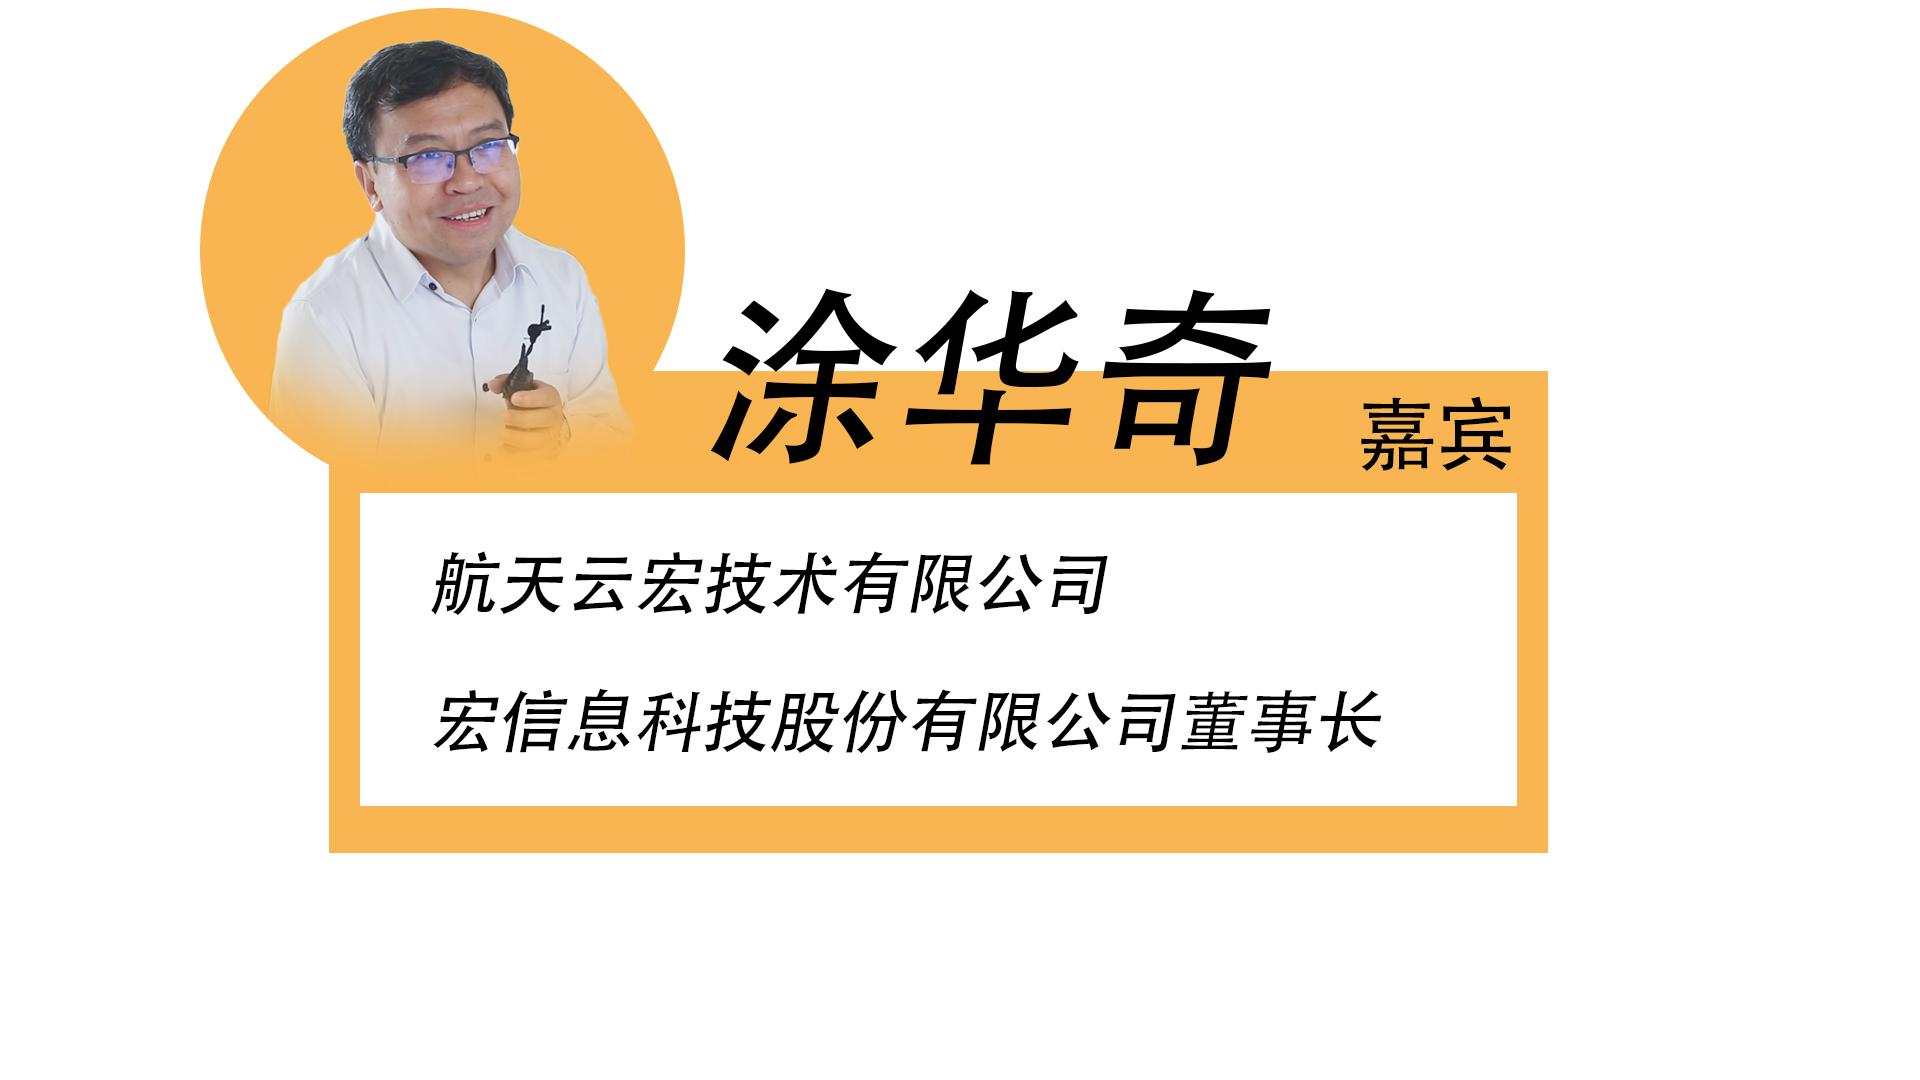 """【金羊直播间】倪光南院士:""""核心技术要不来、买不来、讨不来"""""""